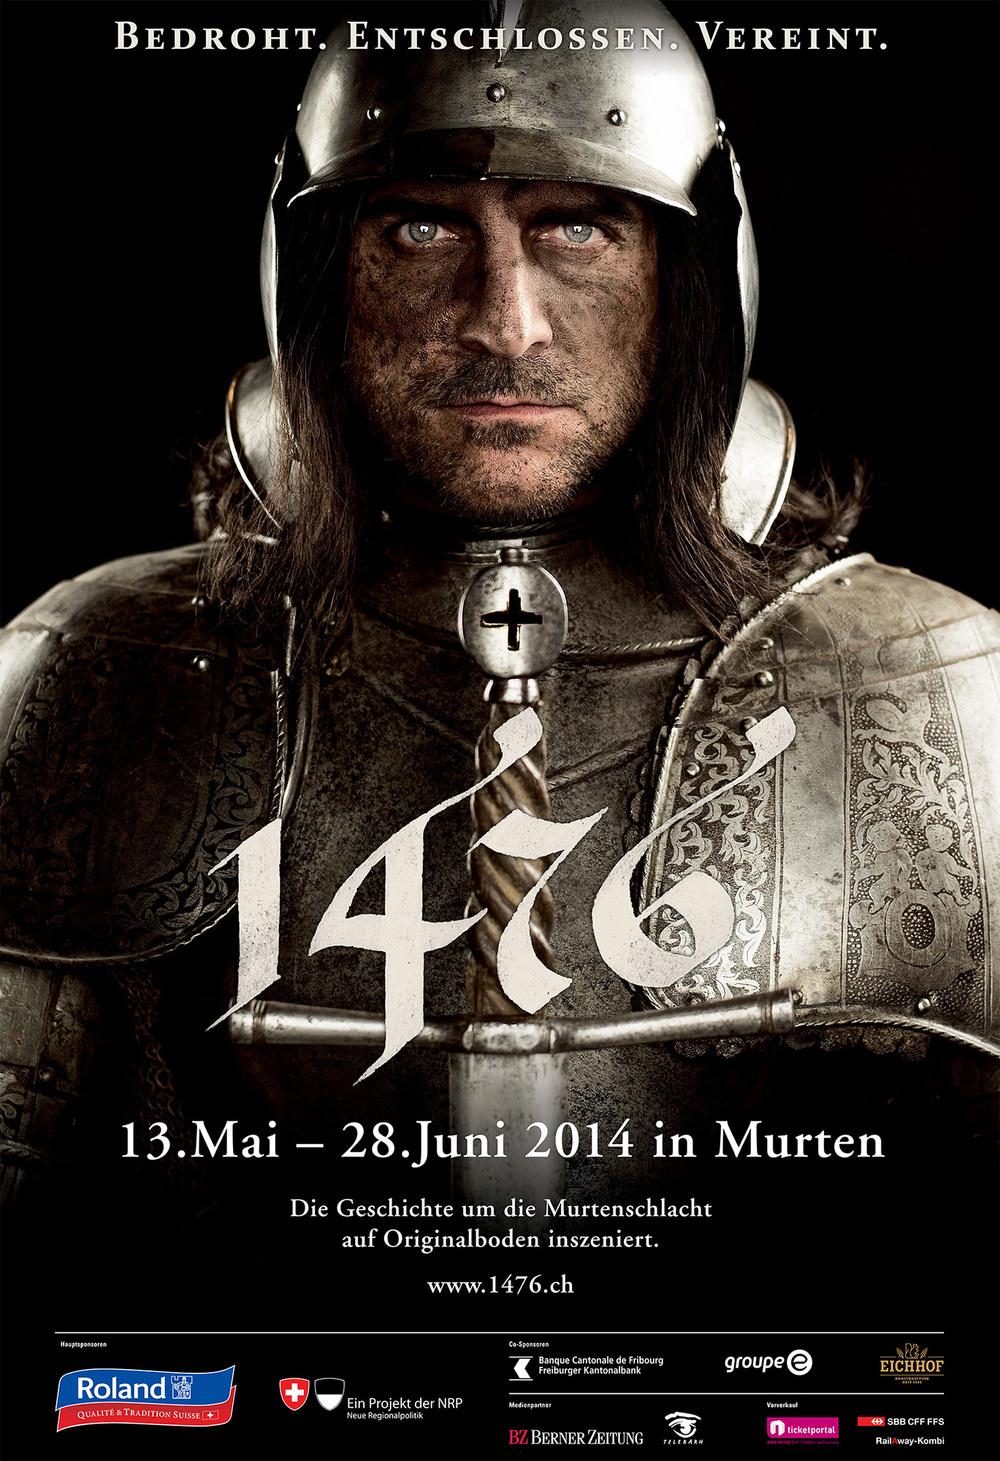 """Das Ritter Sujet """"1476"""", fotografiert mit der Pentax 645d und geblitzt mit den Elinchrom Blitzen rx 300."""